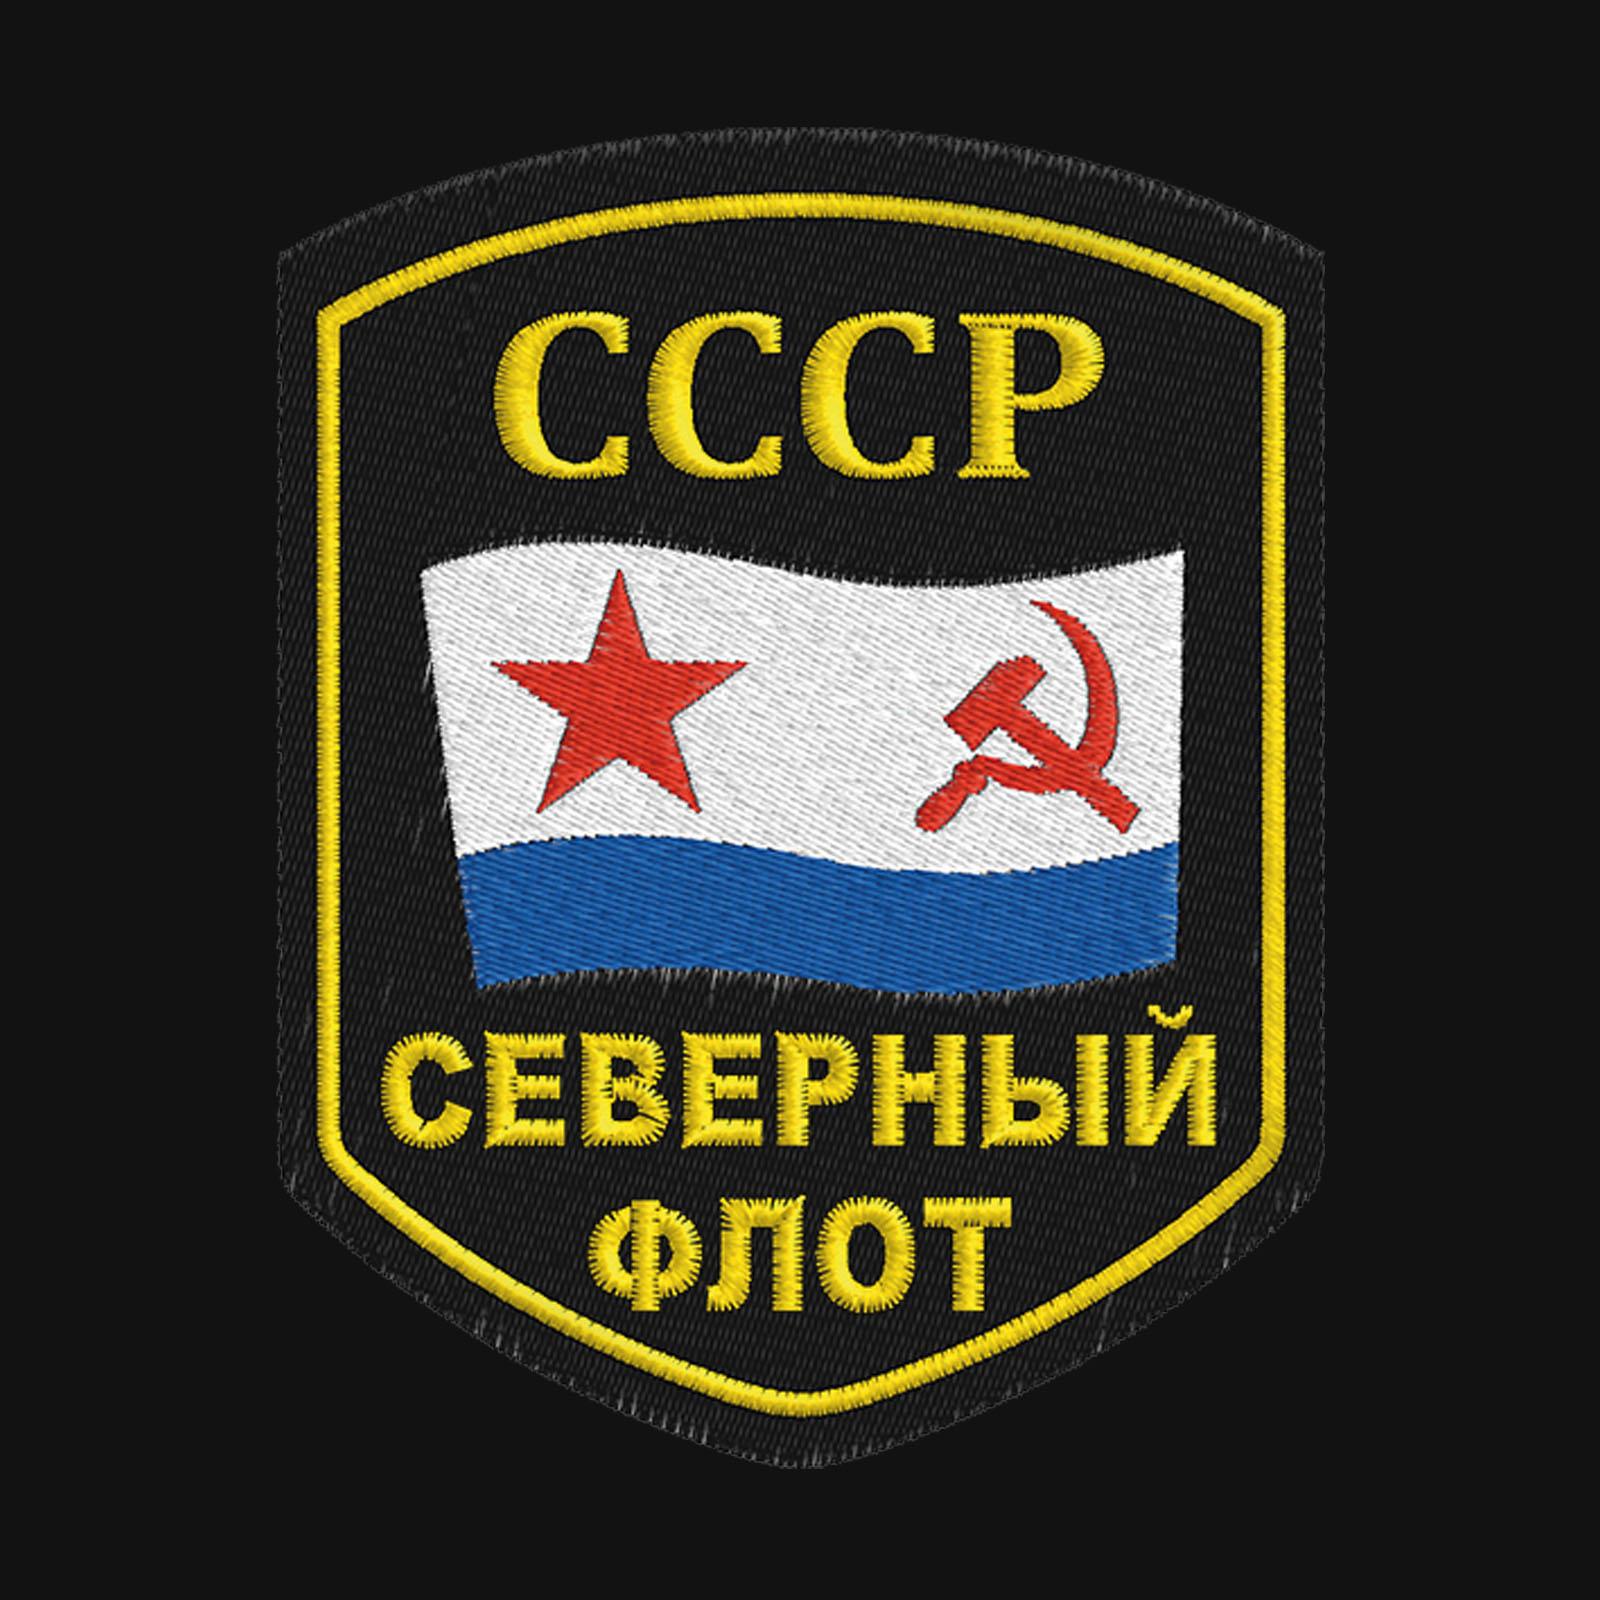 Оригинальная трендовая толстовка с символикой ВМФ СССР